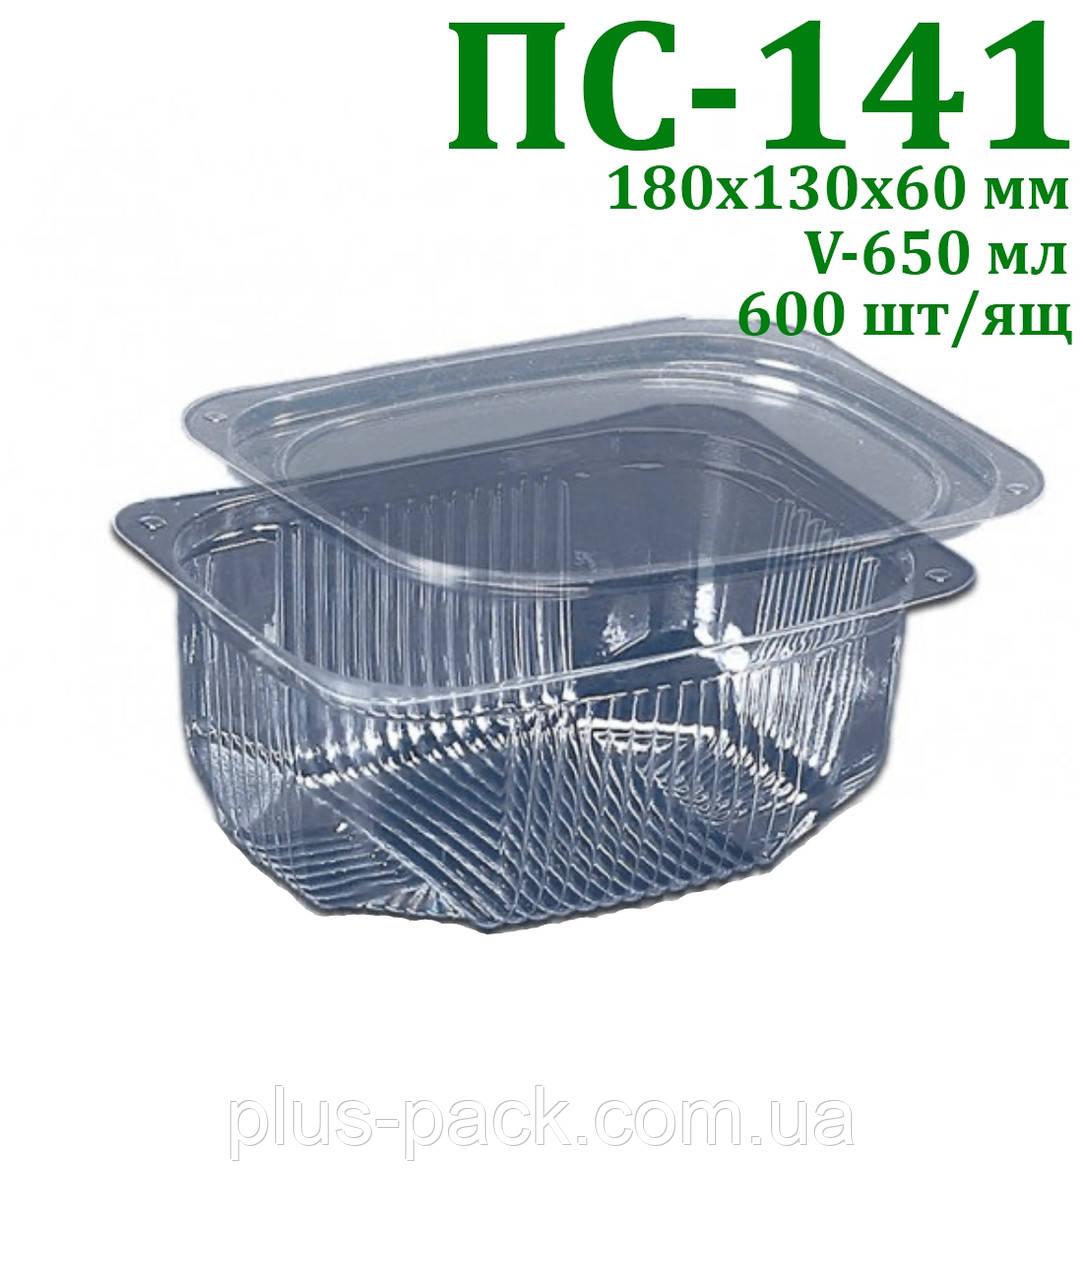 Упаковка пластиковая для пищевых продуктов(600 мл)